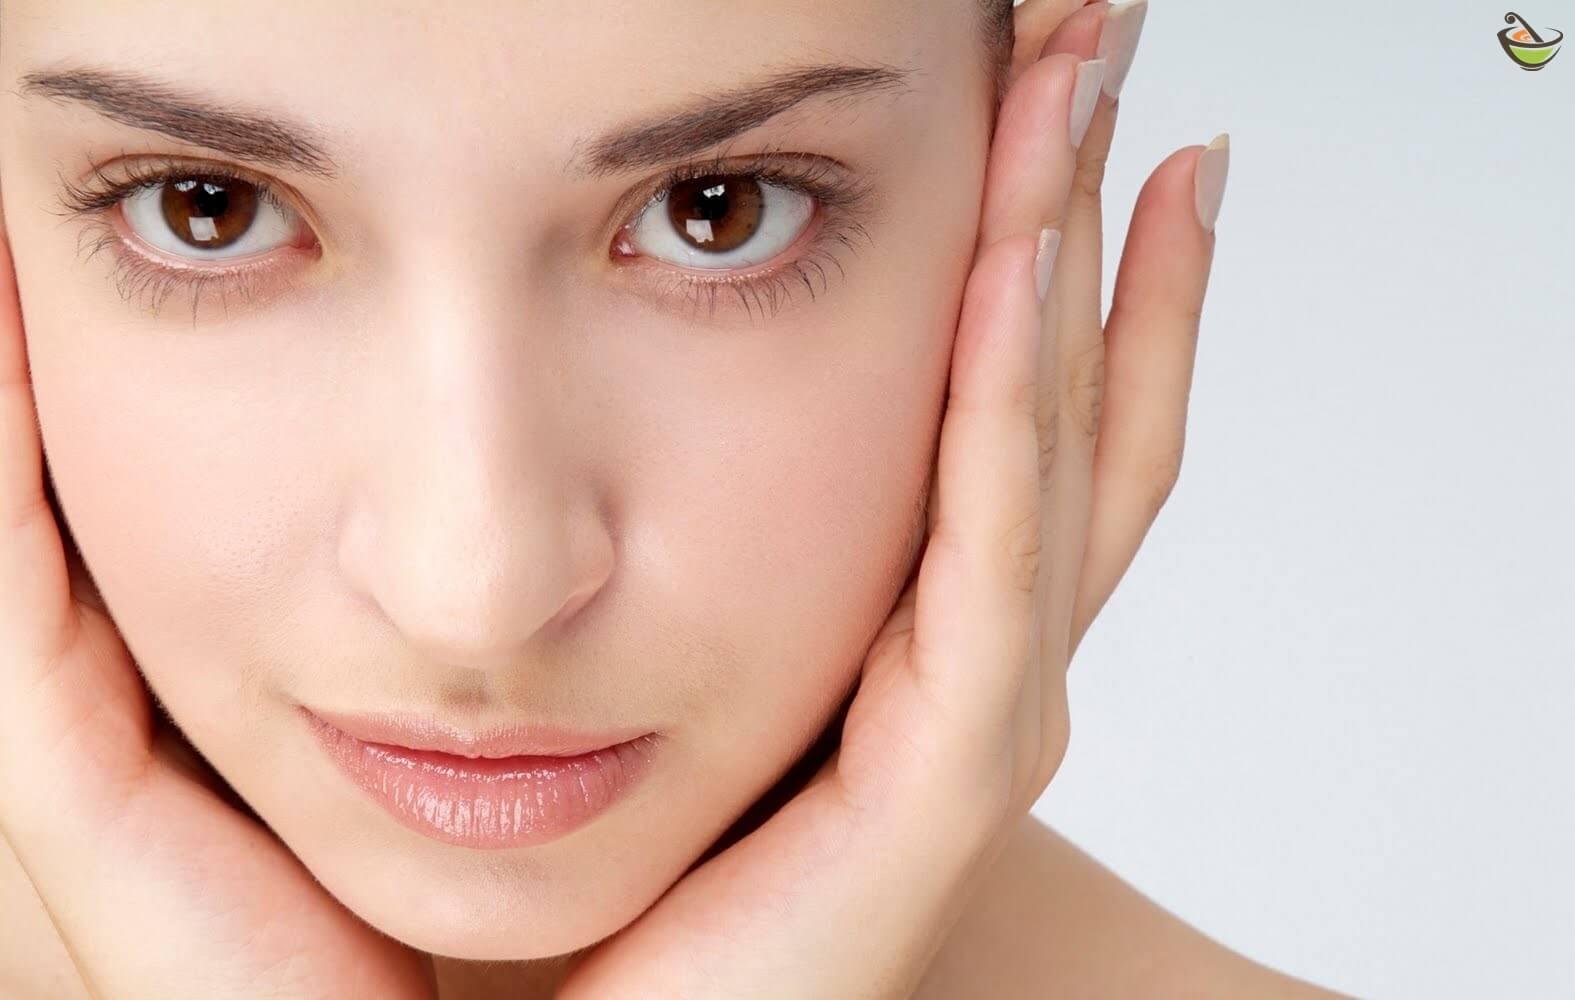 c214e7059 أفضل خلطات لتفتيح لون البشرة وتبييض الوجه بشكل سريع وفعال وهي تحتوي على  مكونات طبيعي سهل